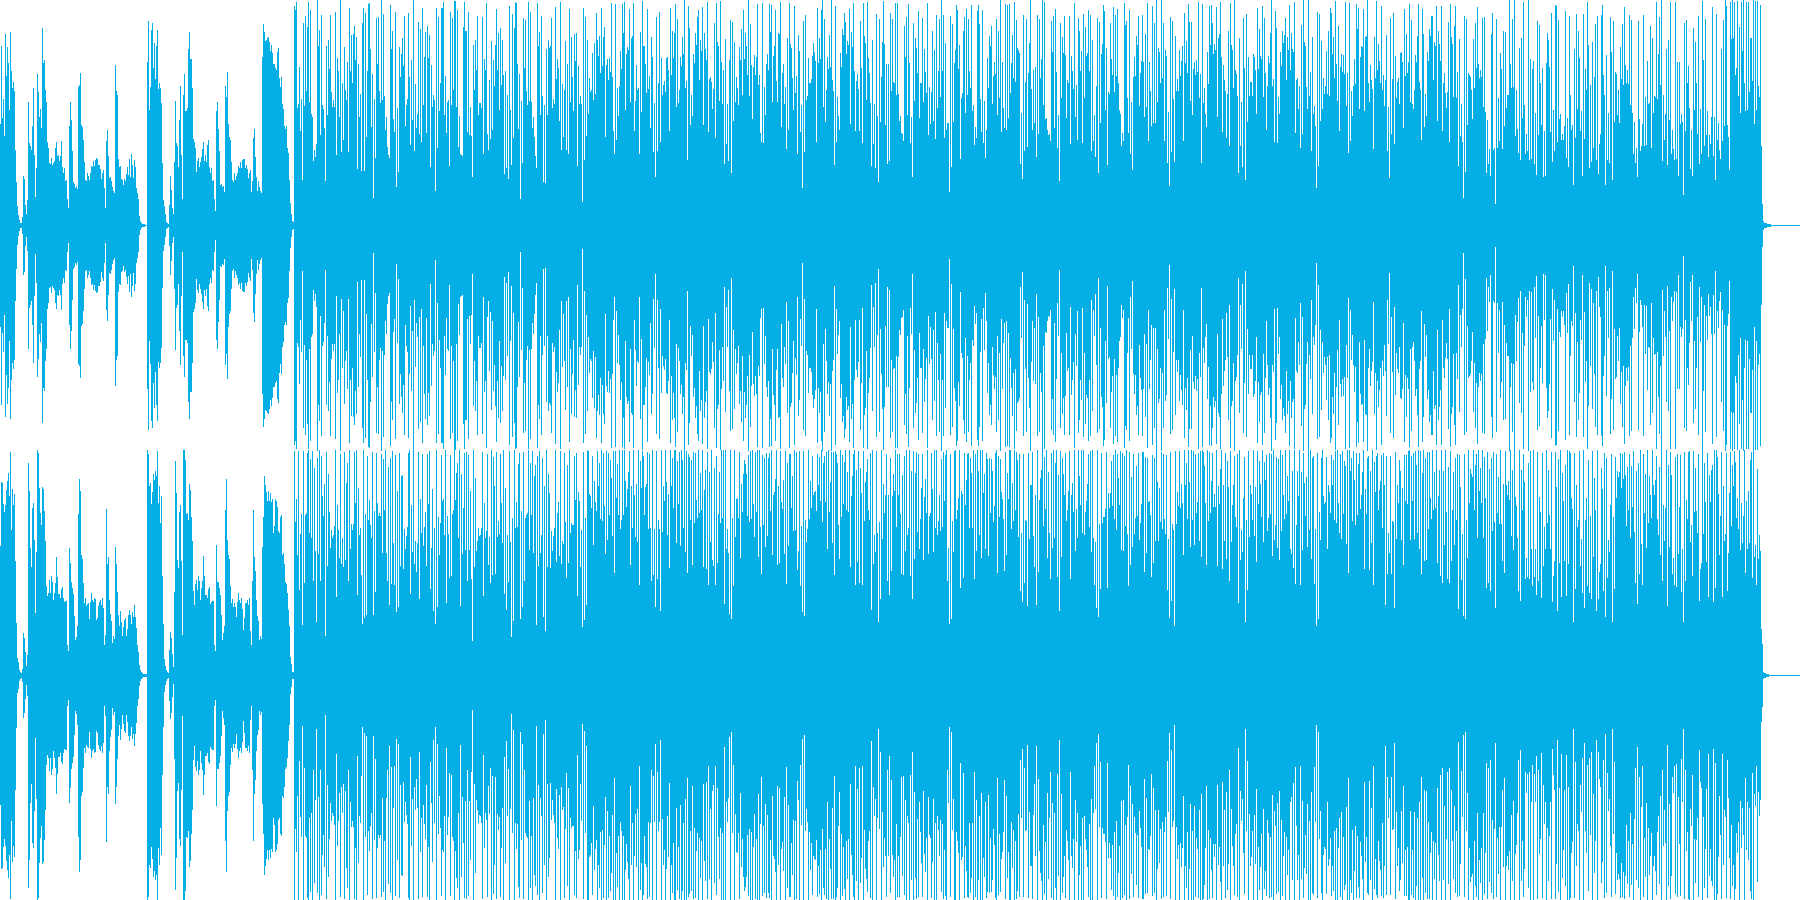 カーニバル音楽の再生済みの波形